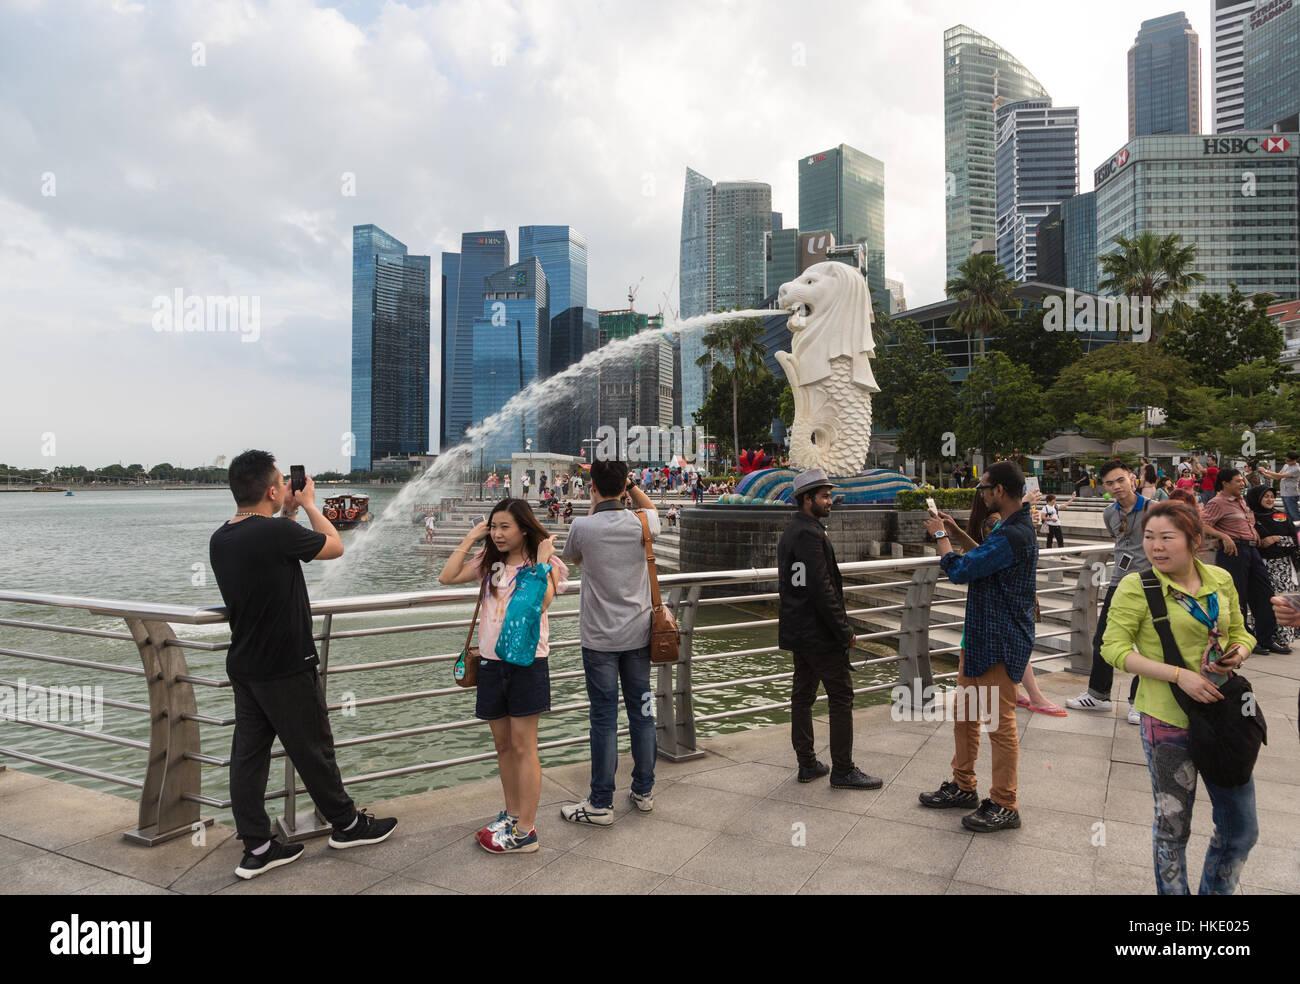 SINGAPORE, Singapore - 22 febbraio 2016: turisti scattare foto di fronte alla città famosa skyline e la statua Merlion. Foto Stock